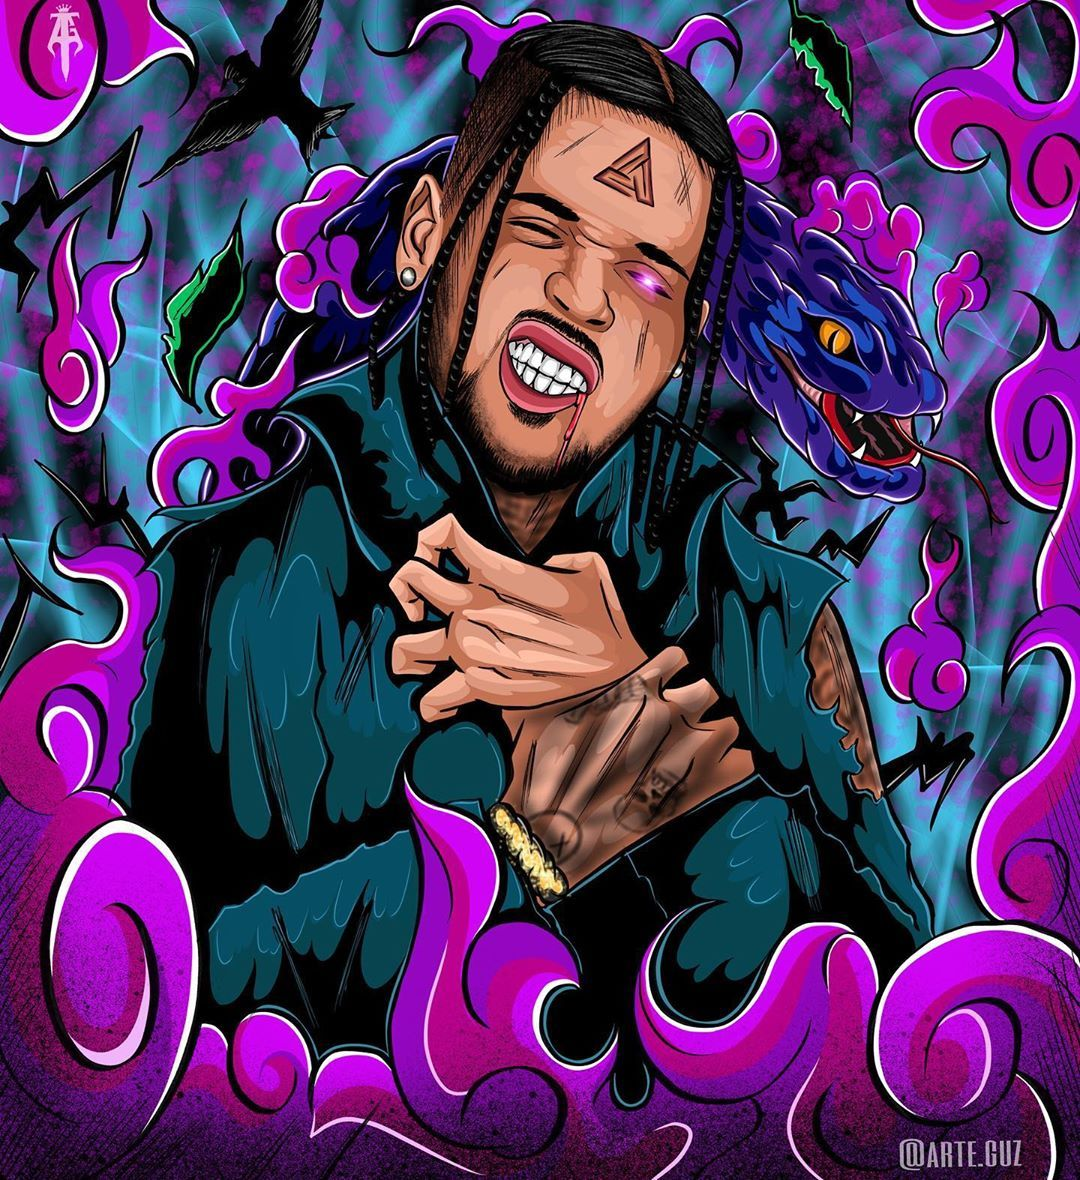 Chris Brown Indigo Season Chris Brown Drawing Chris Brown Art Chris Brown Tattoo